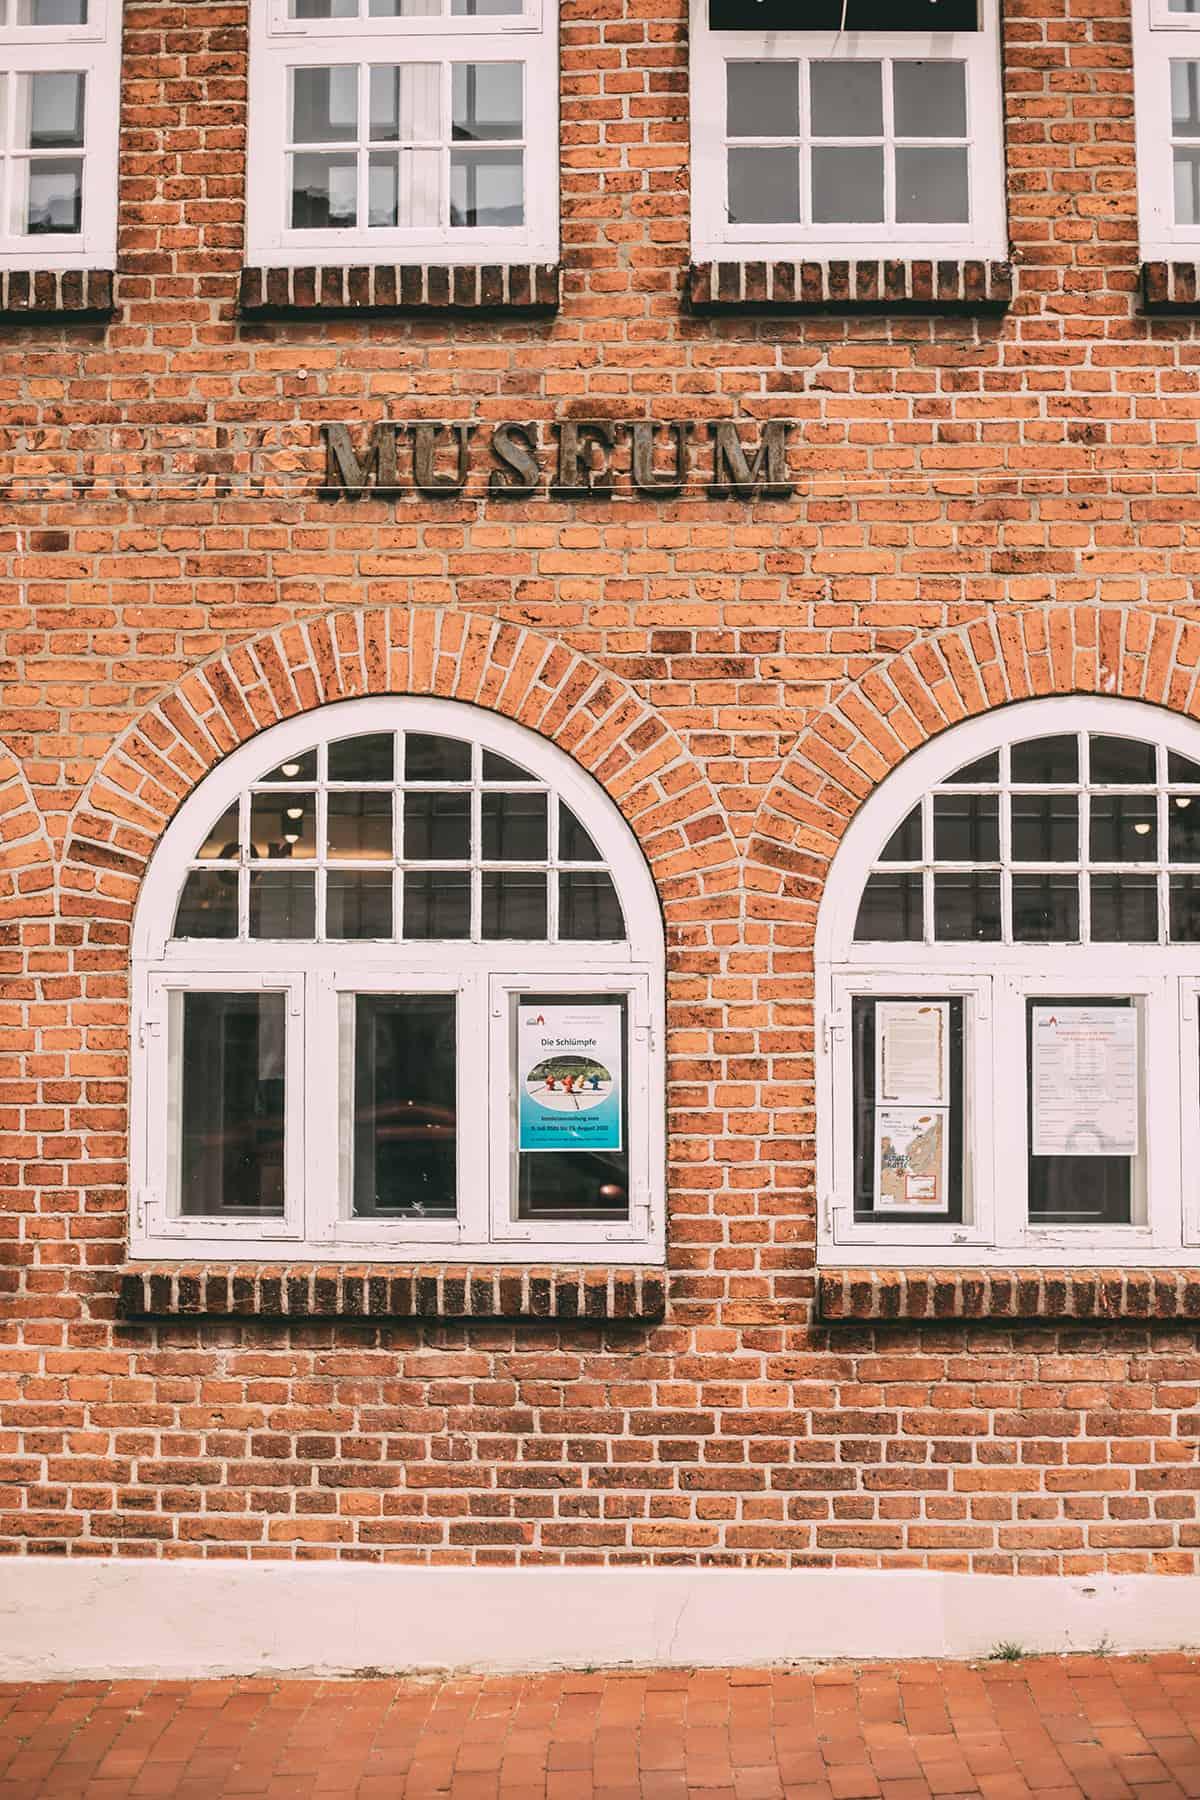 Das Museum in Neustadt